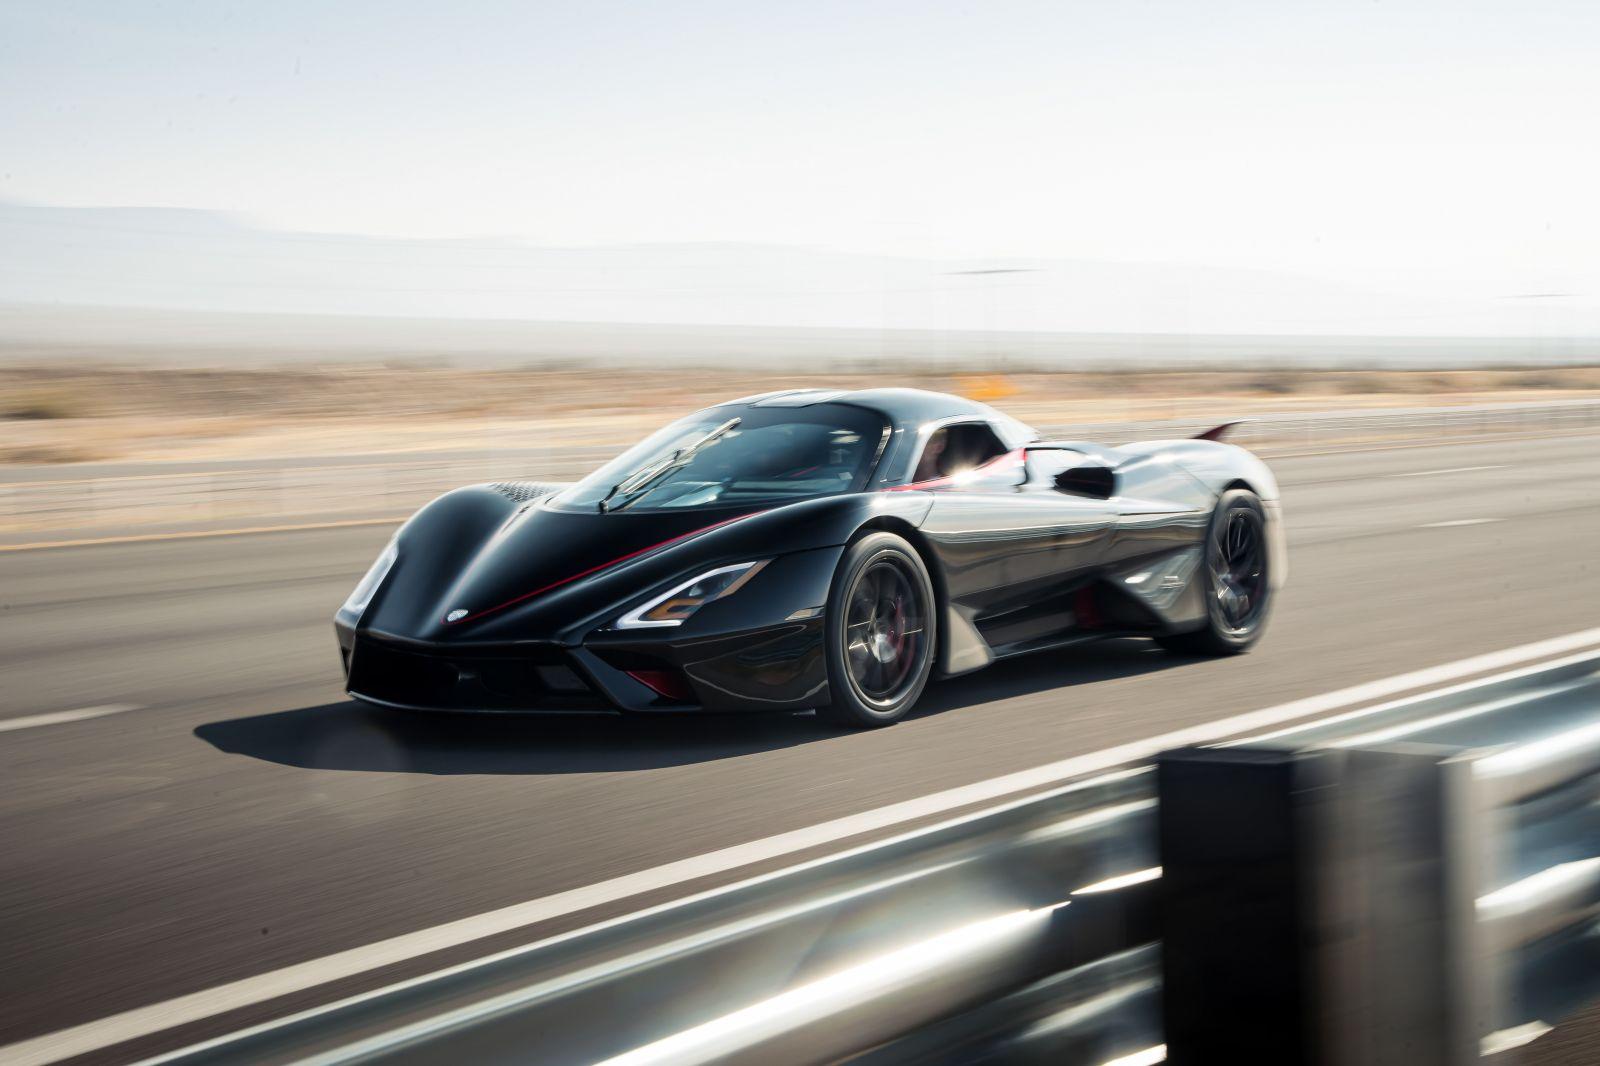 Nový najrýchlejší sériový automobil planéty dosiahol neuveriteľnú rýchlosť až 533 km/h!